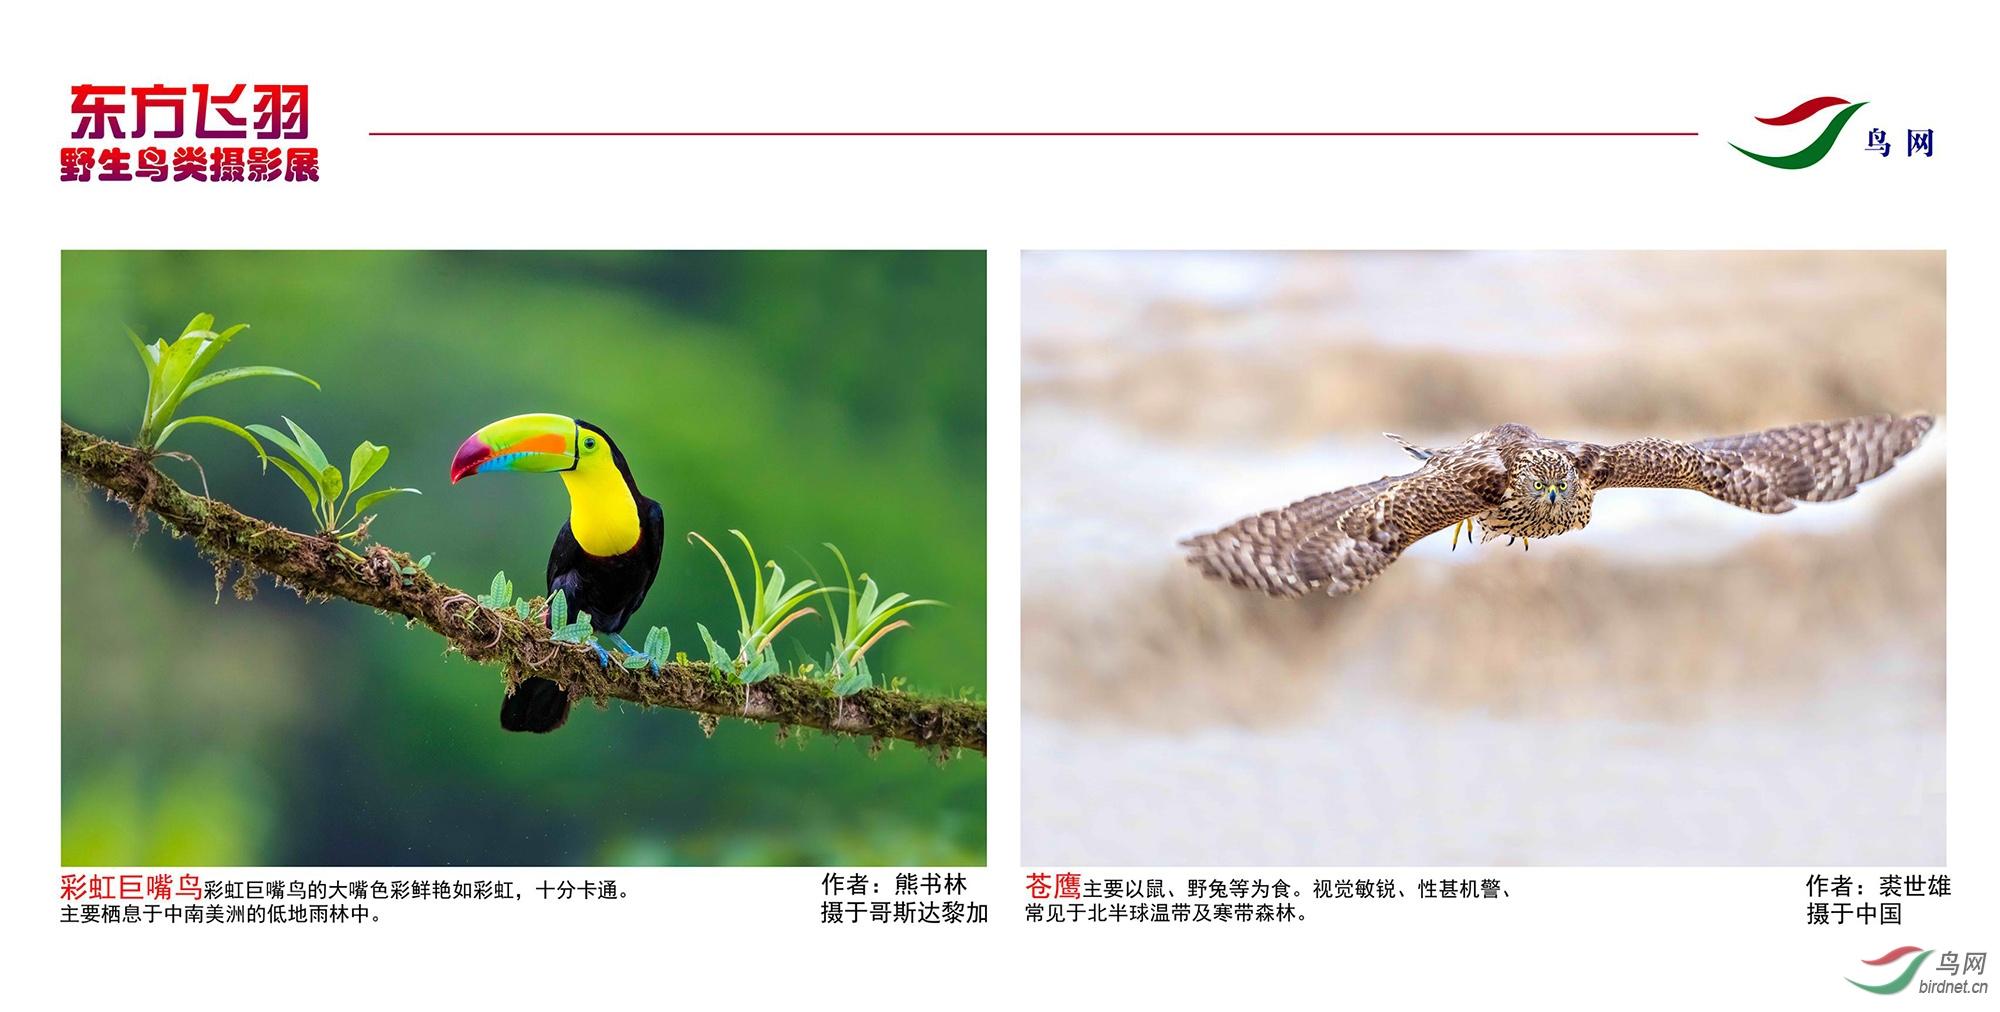 1_东方明珠摄影展照片_01.jpg